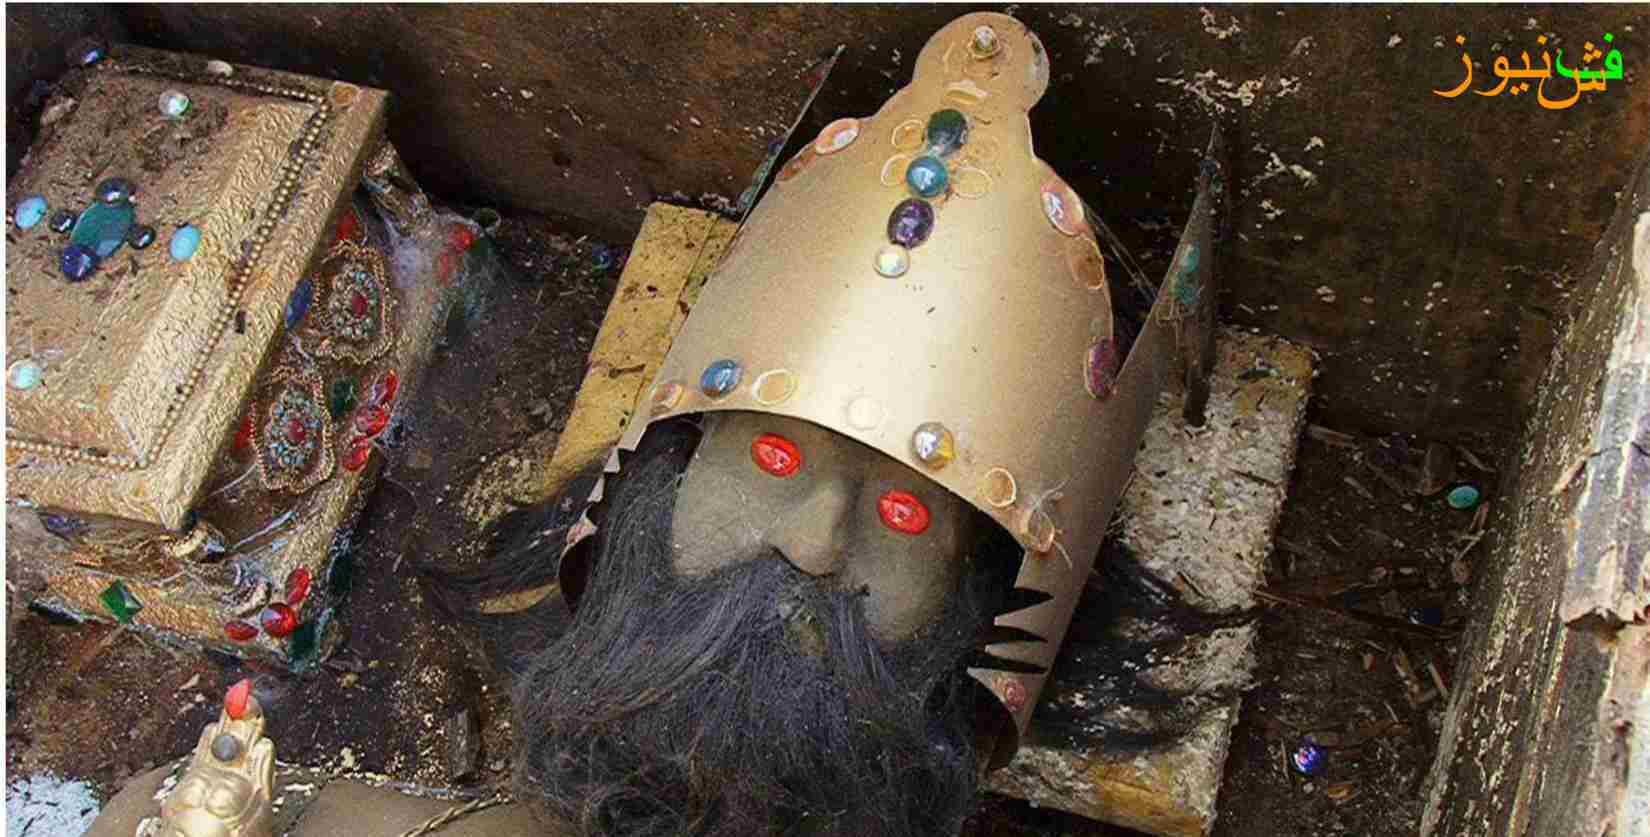 داستانهای واقعی یافتن گنج دفینه کوزه های پر از سکه طلا زیرخاکی